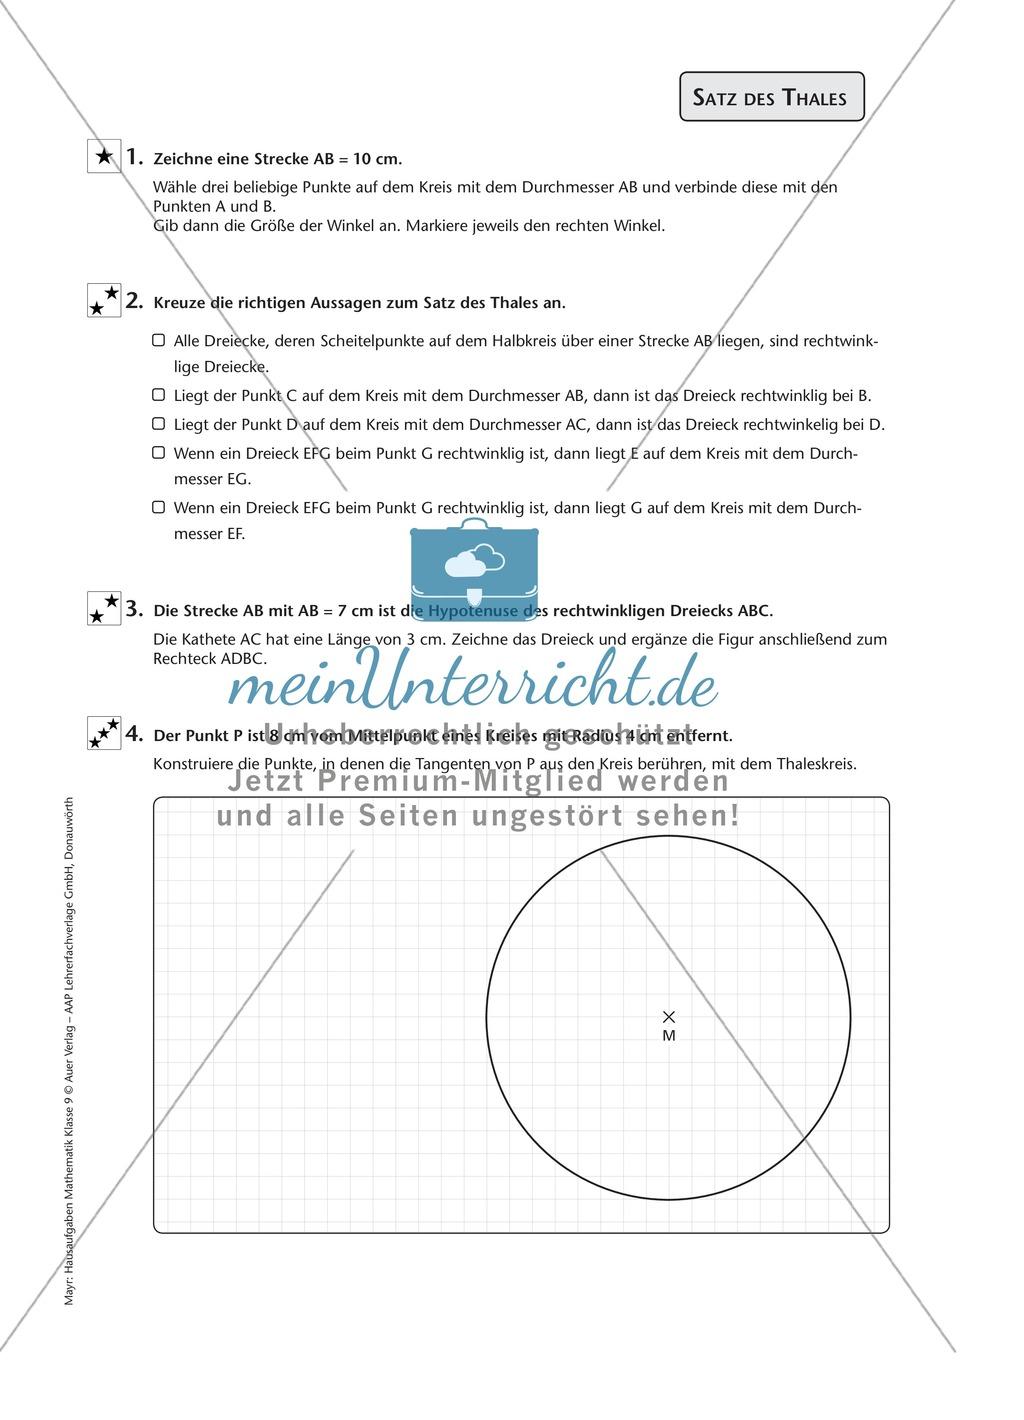 Aufgaben zur Entwicklung des Satz des Thales - meinUnterricht